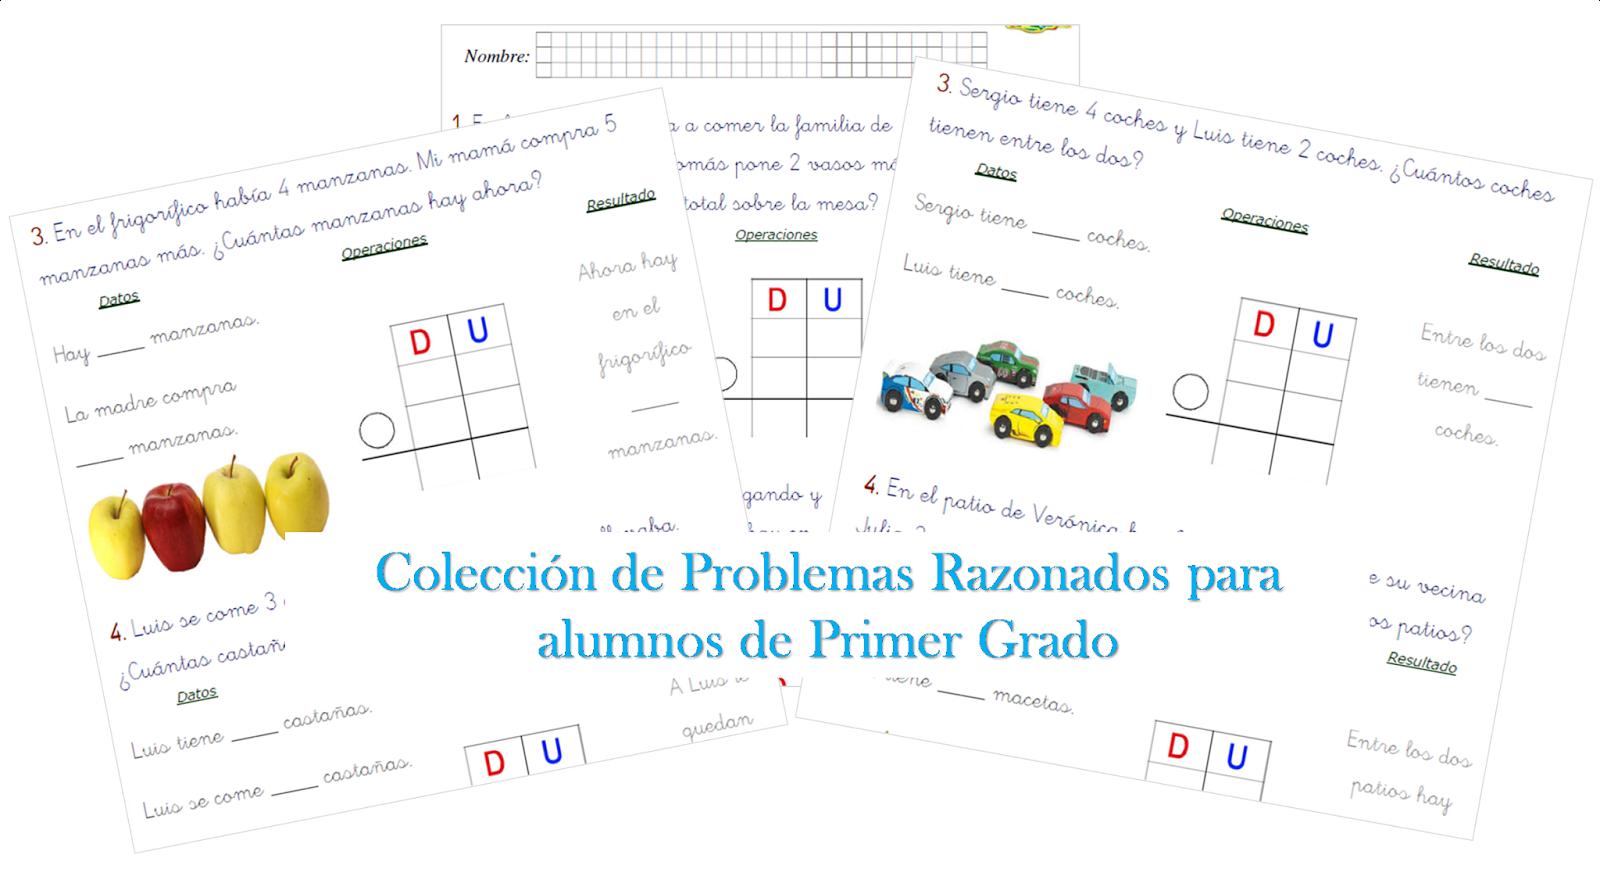 Colección de Problemas Razonados para Primer Grado